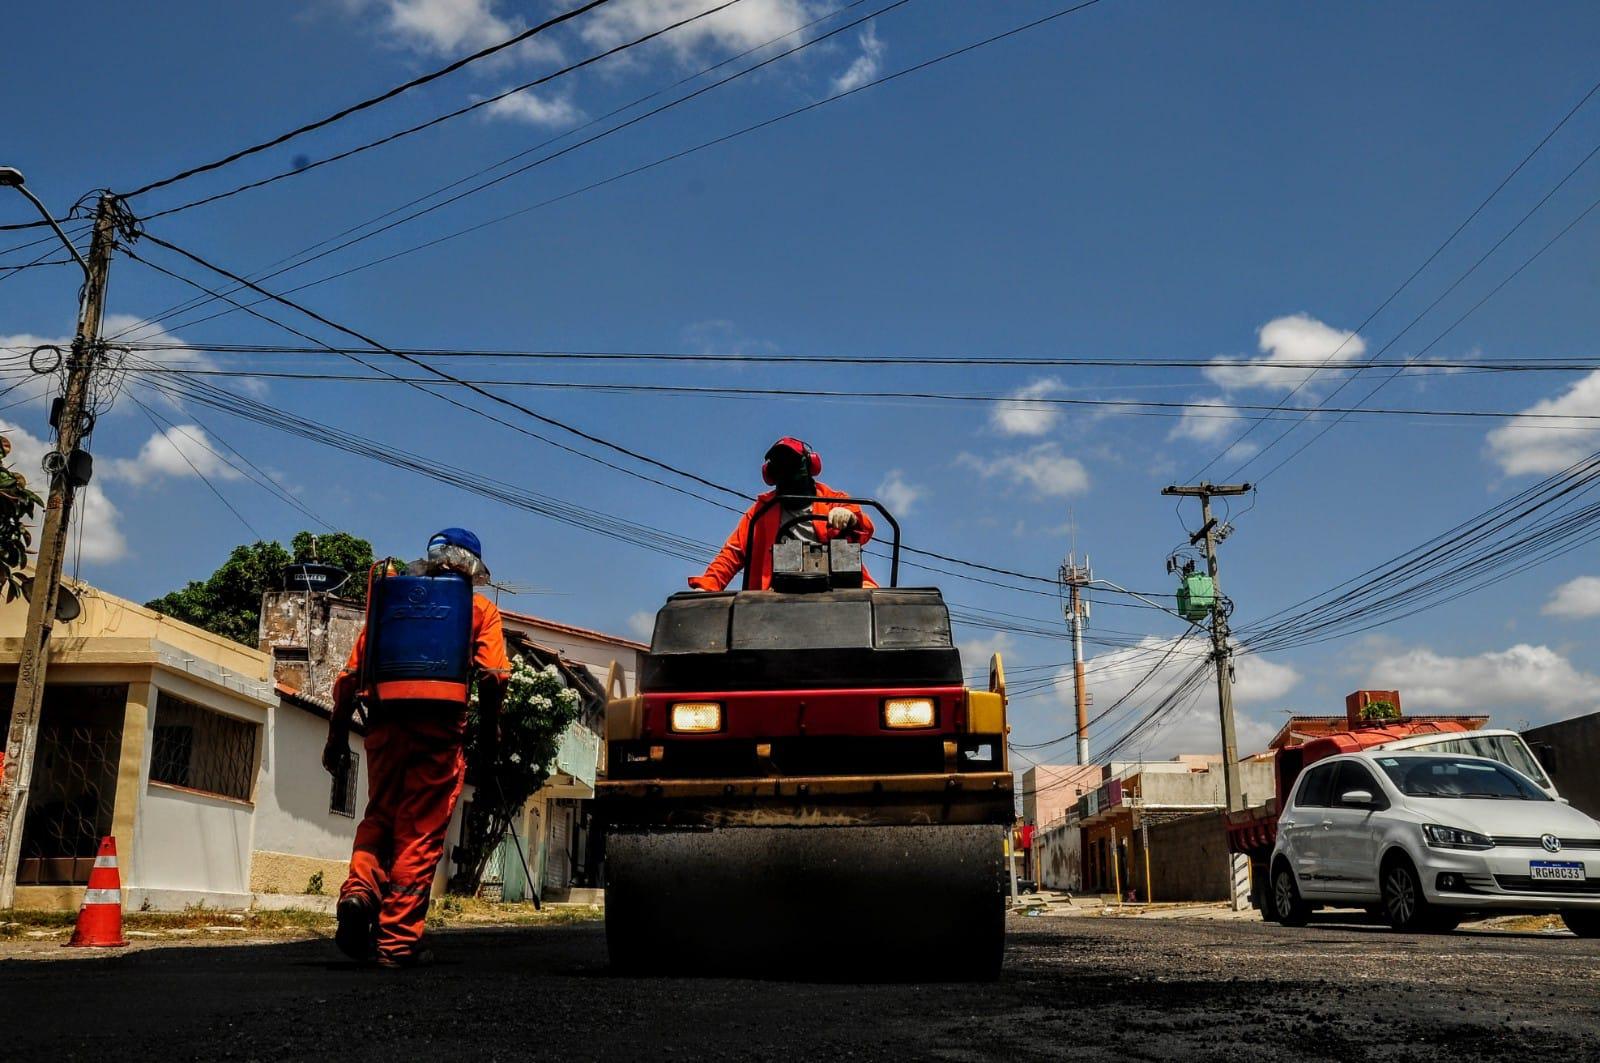 Obras de recuperação do asfalto são realizadas no bairro Santo Antônio